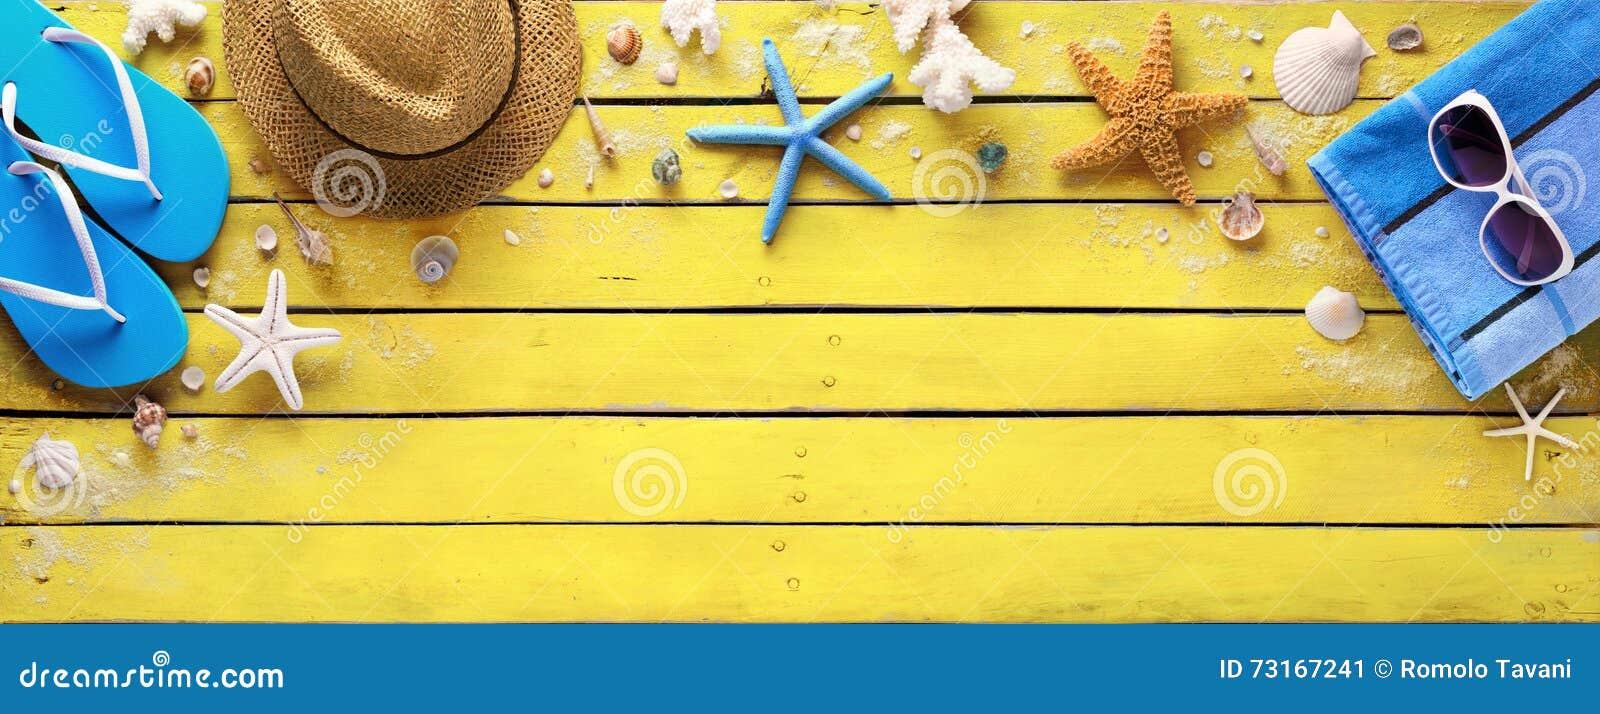 Accessoires de plage sur la planche en bois jaune - couleurs d été